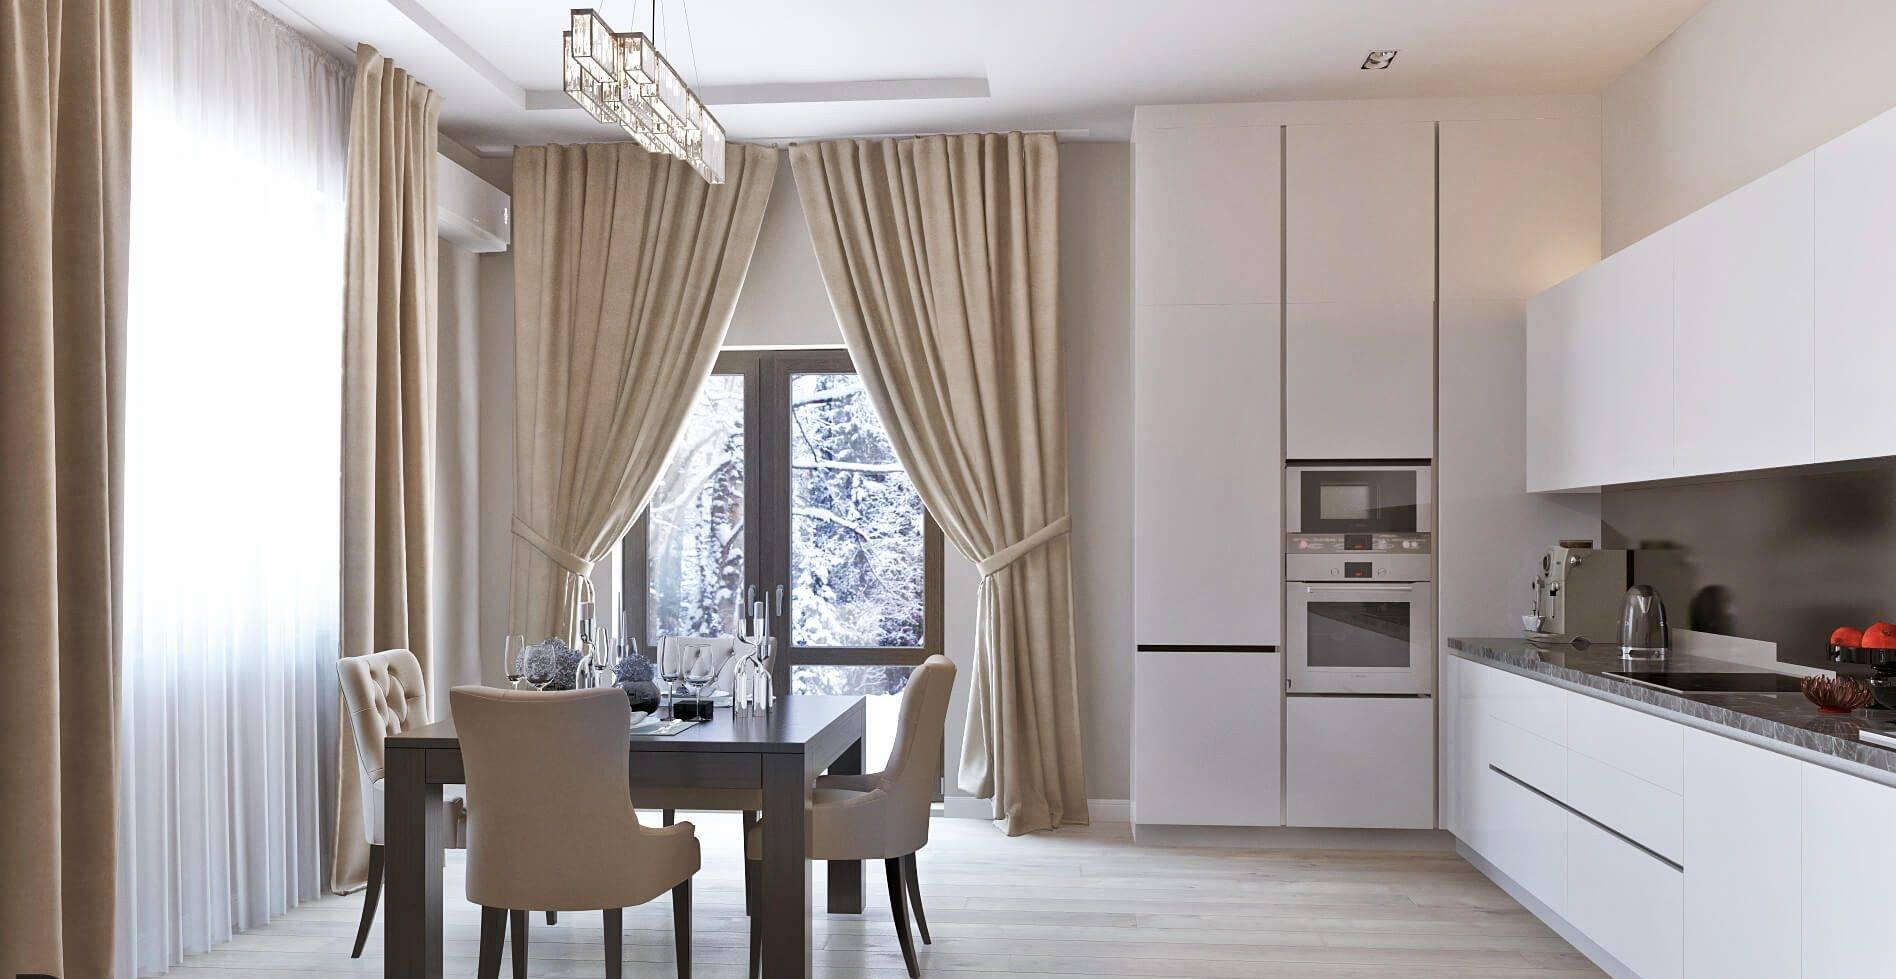 Современные шторы для столовой - особенности выбора, уникальные советы и фото идеи